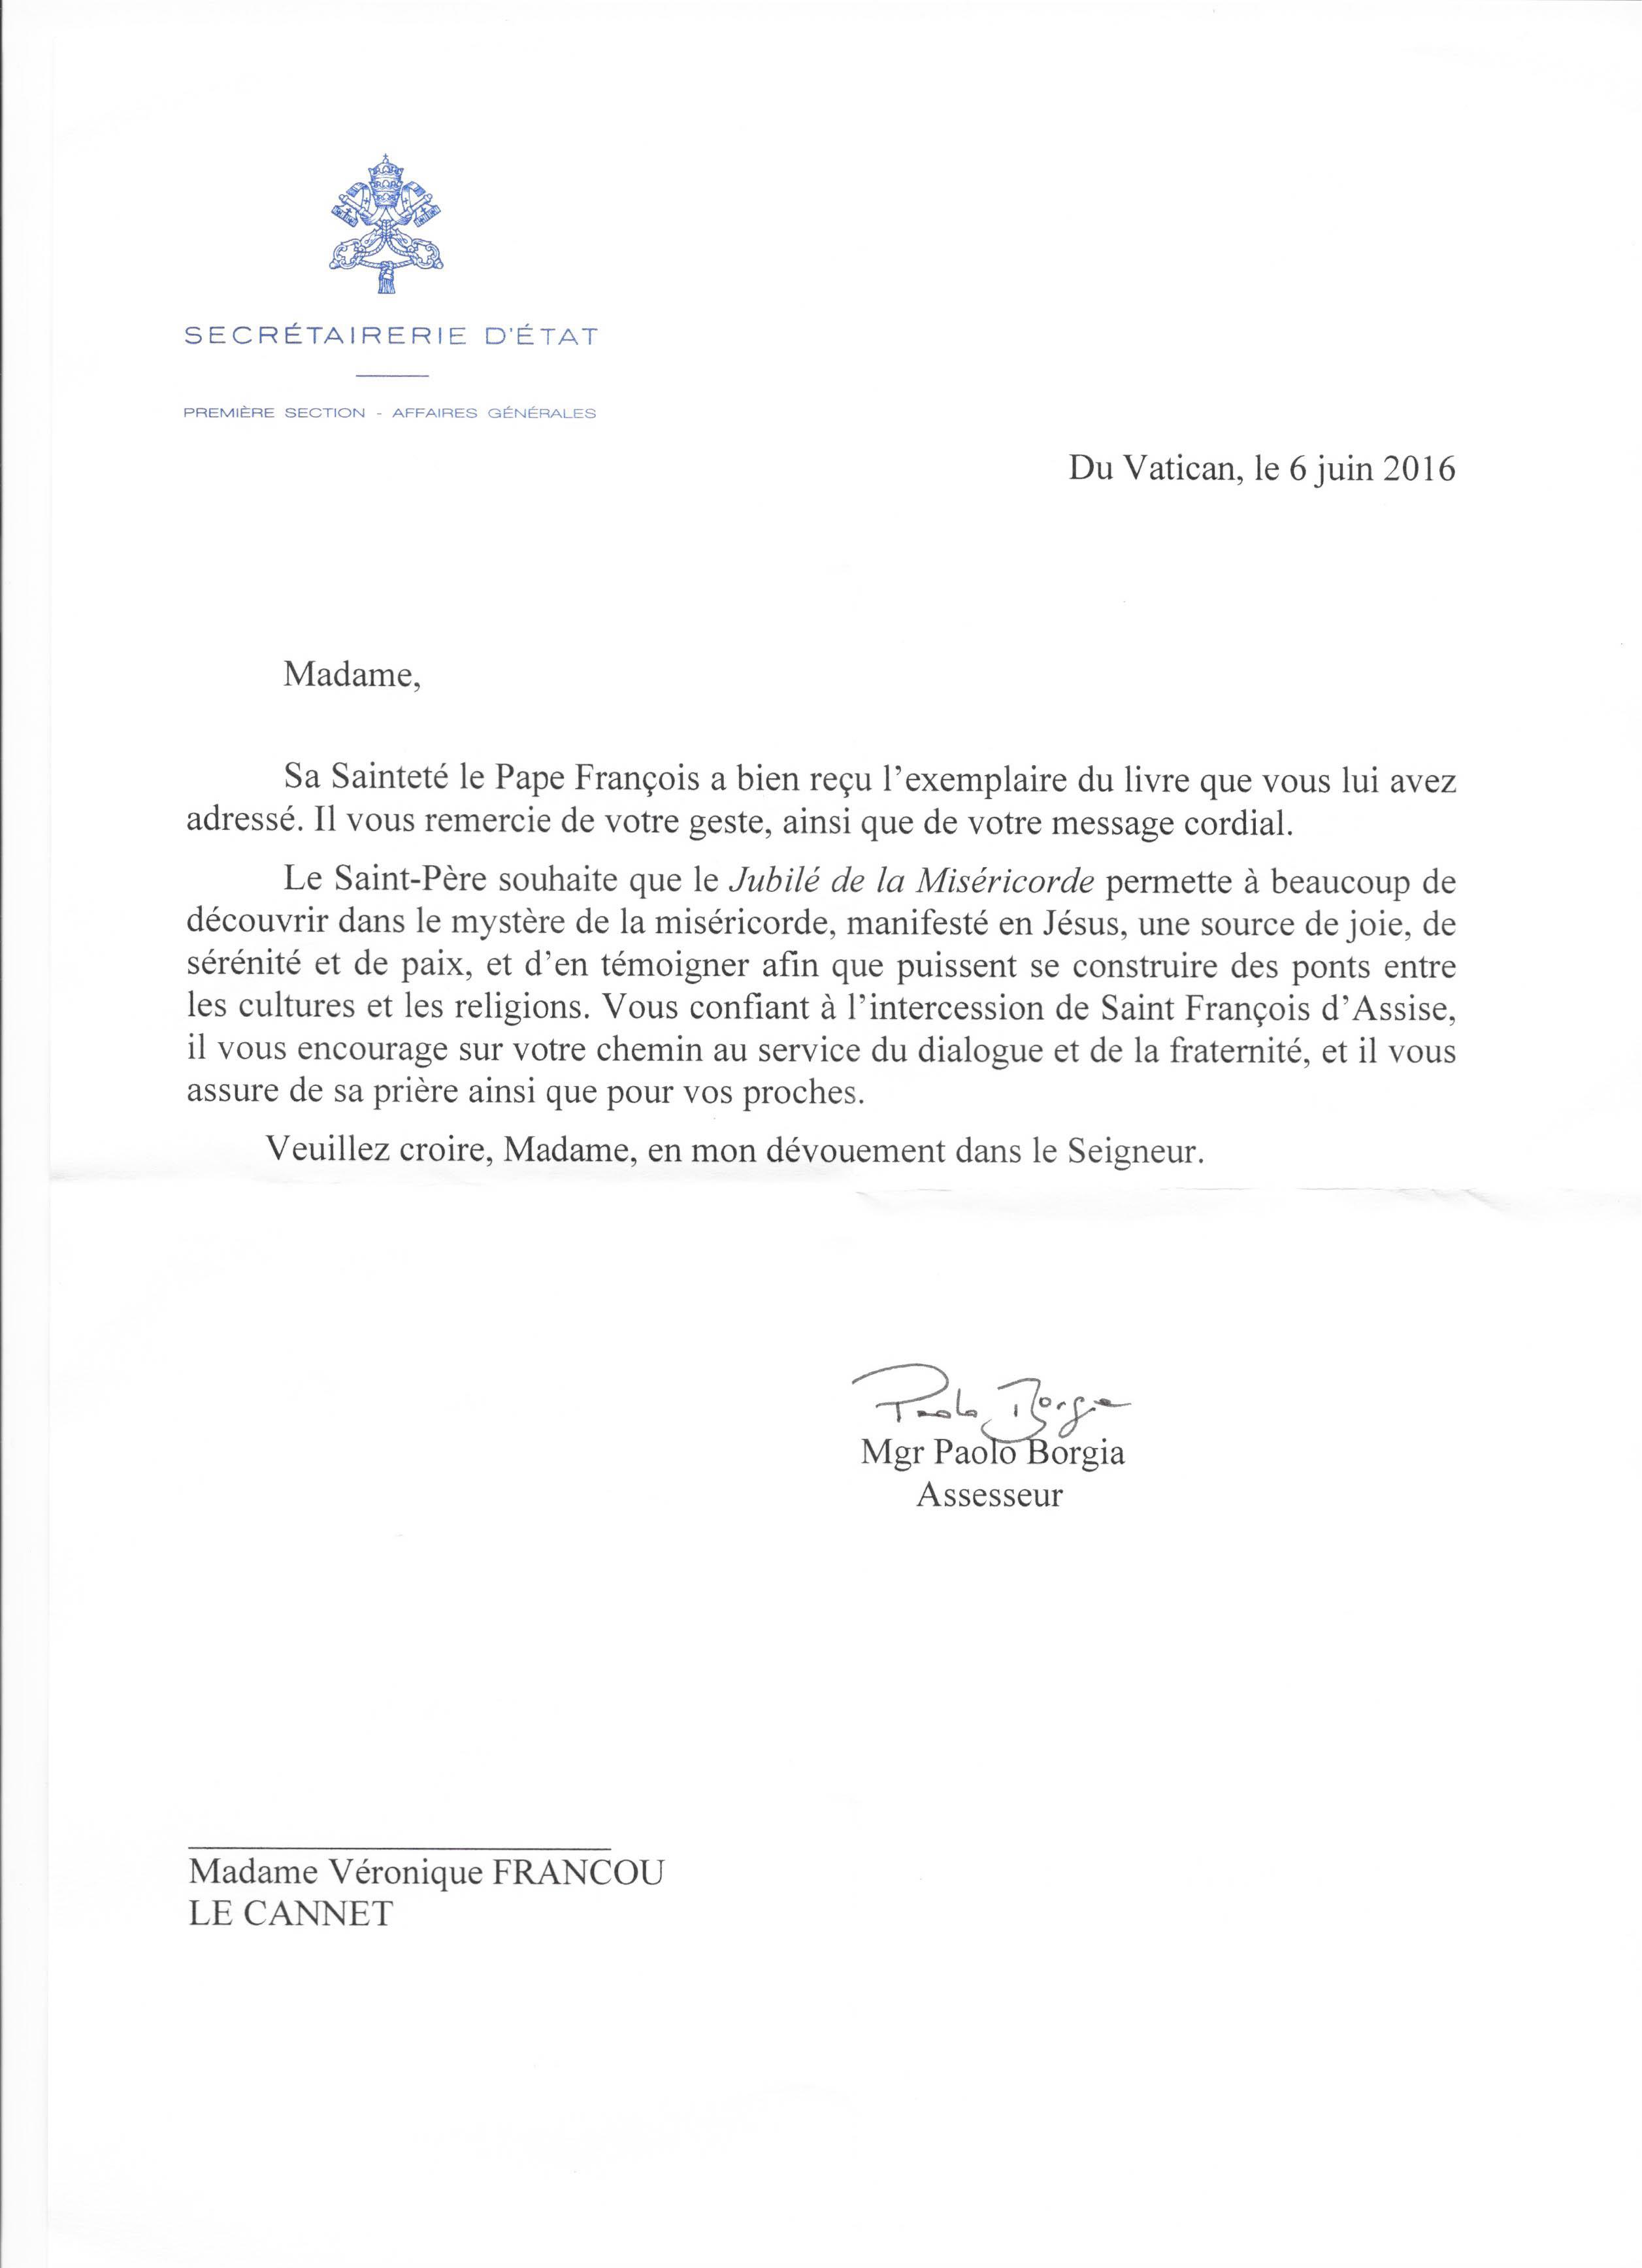 """Lorsque l'esprit du VEAC imprègne les actions de ses membres : Véronique Francou, son livre """"Visages de l'amour"""", la lettre du Pape François et l'émission """"Halte spirituelle"""" sur RCF."""